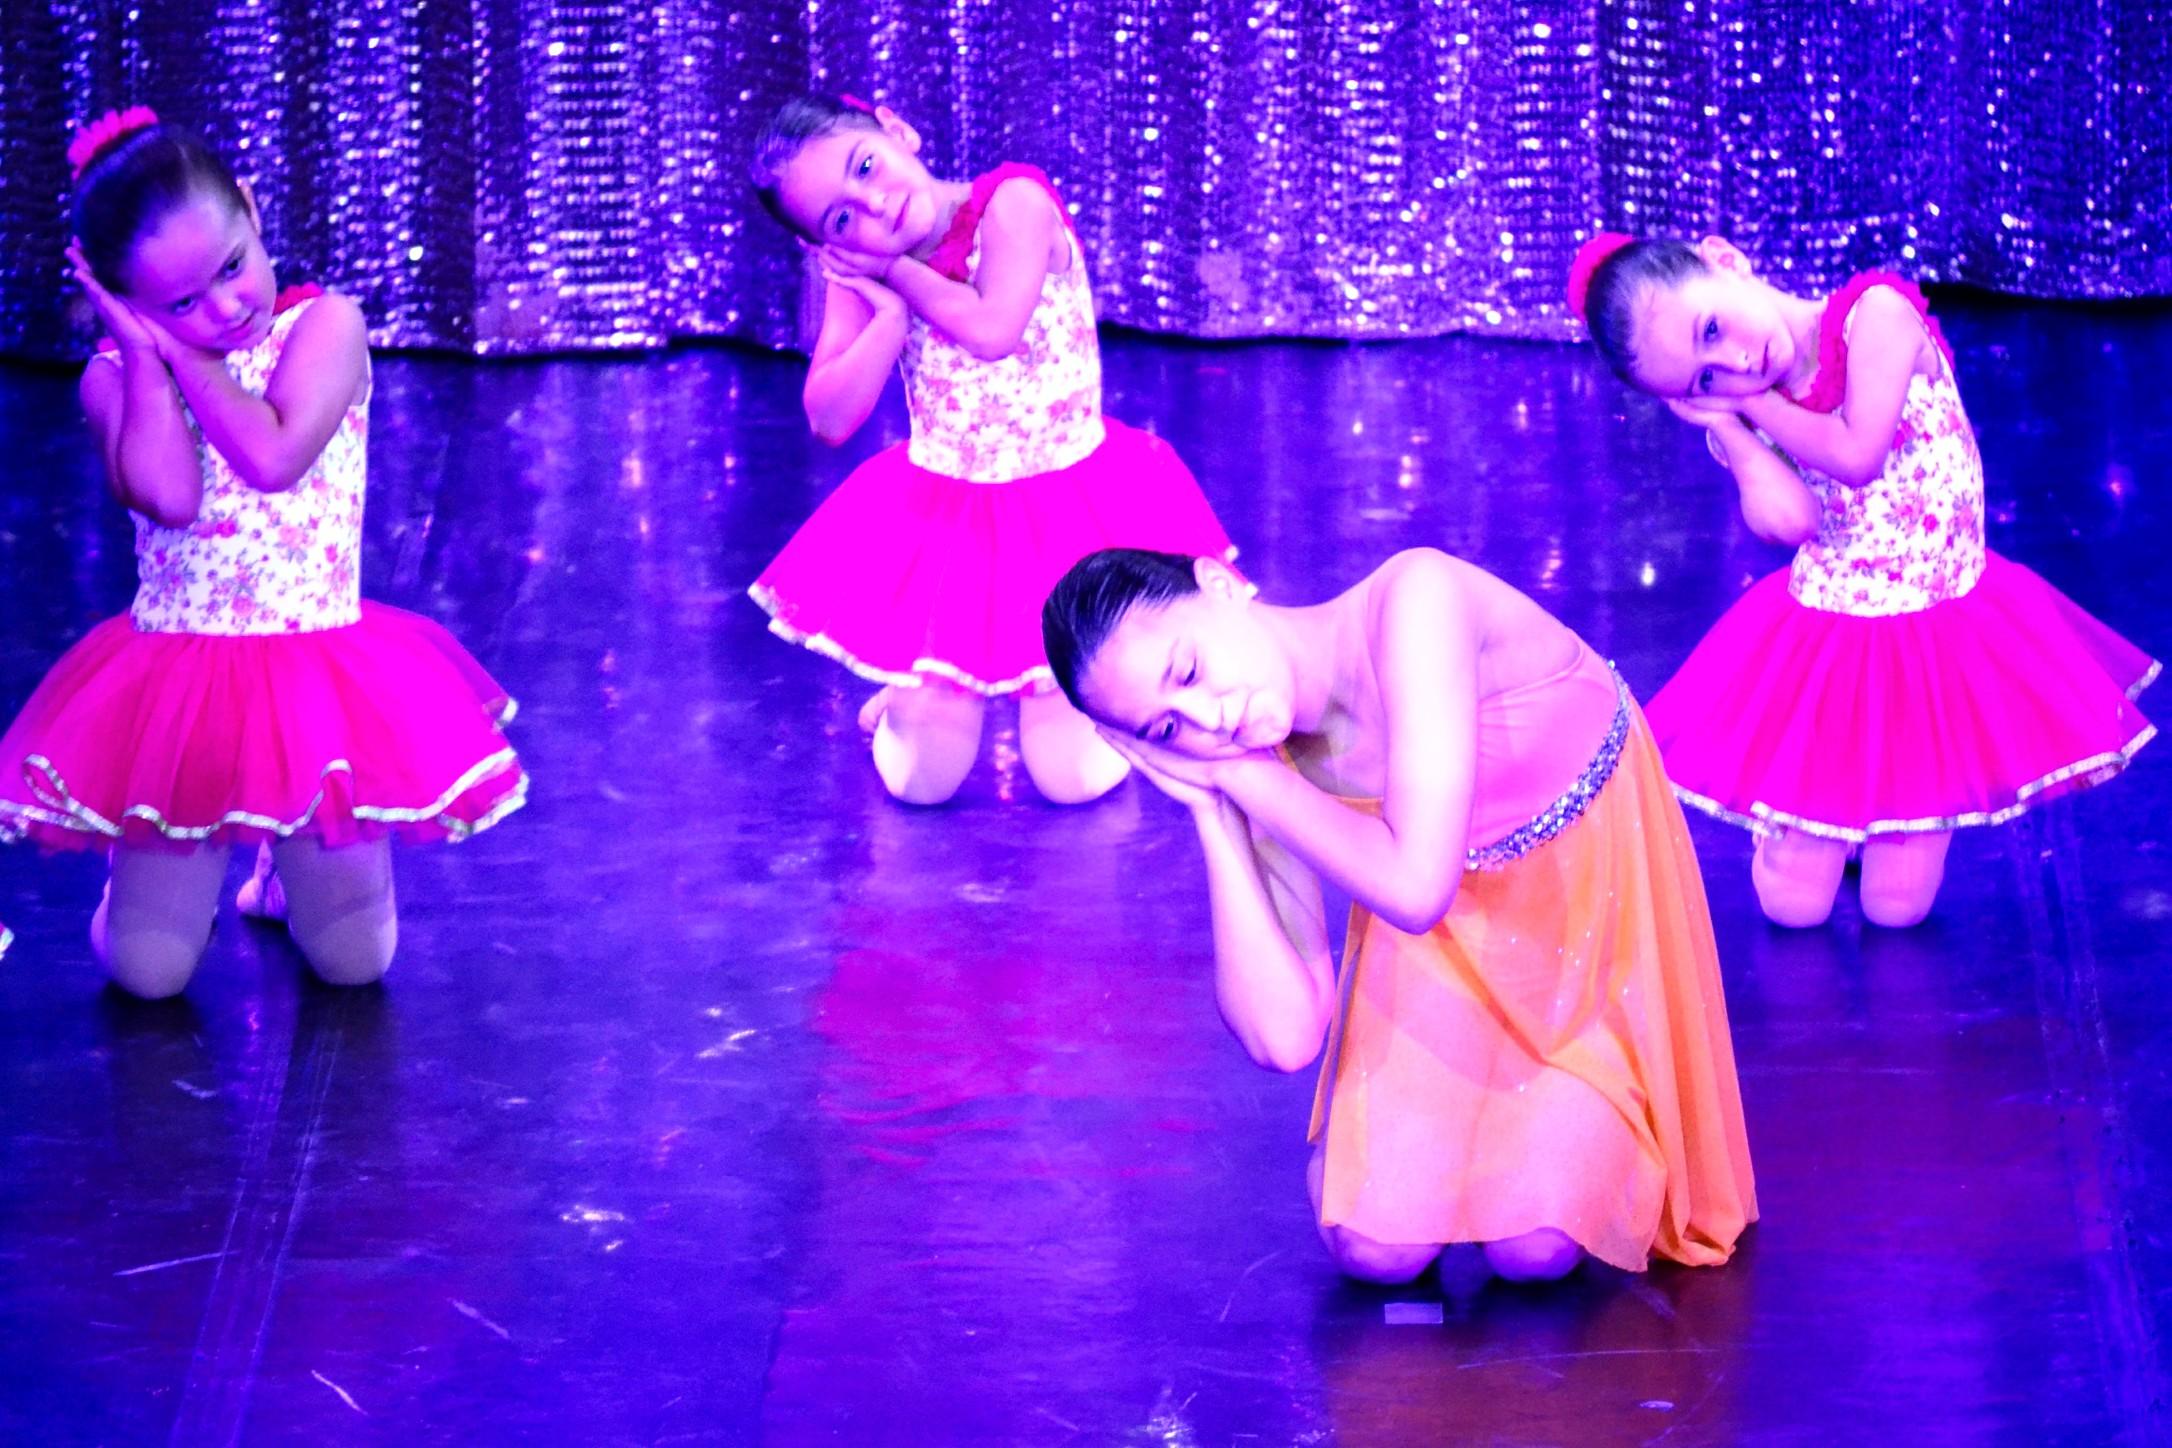 Linea-de-Baile-festival-verano-2015-clases-de-baile-valencia-34